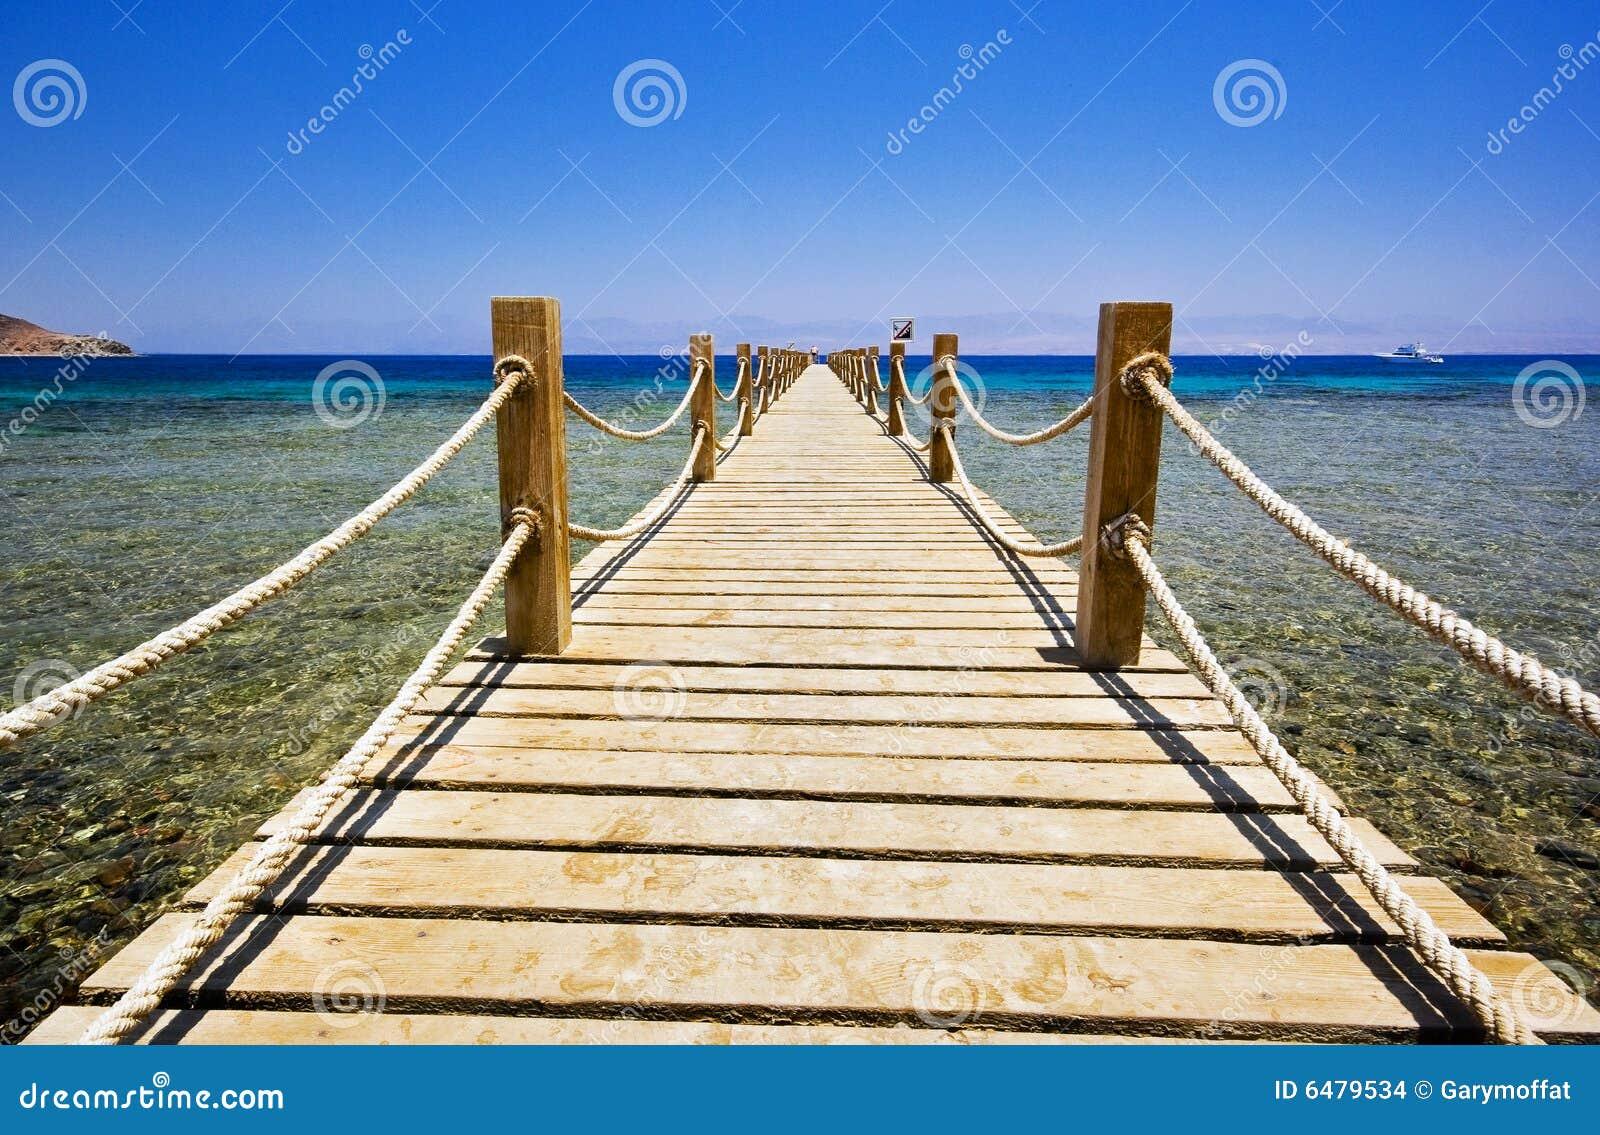 Sky Walk Boards : Beach boardwalk stock images image